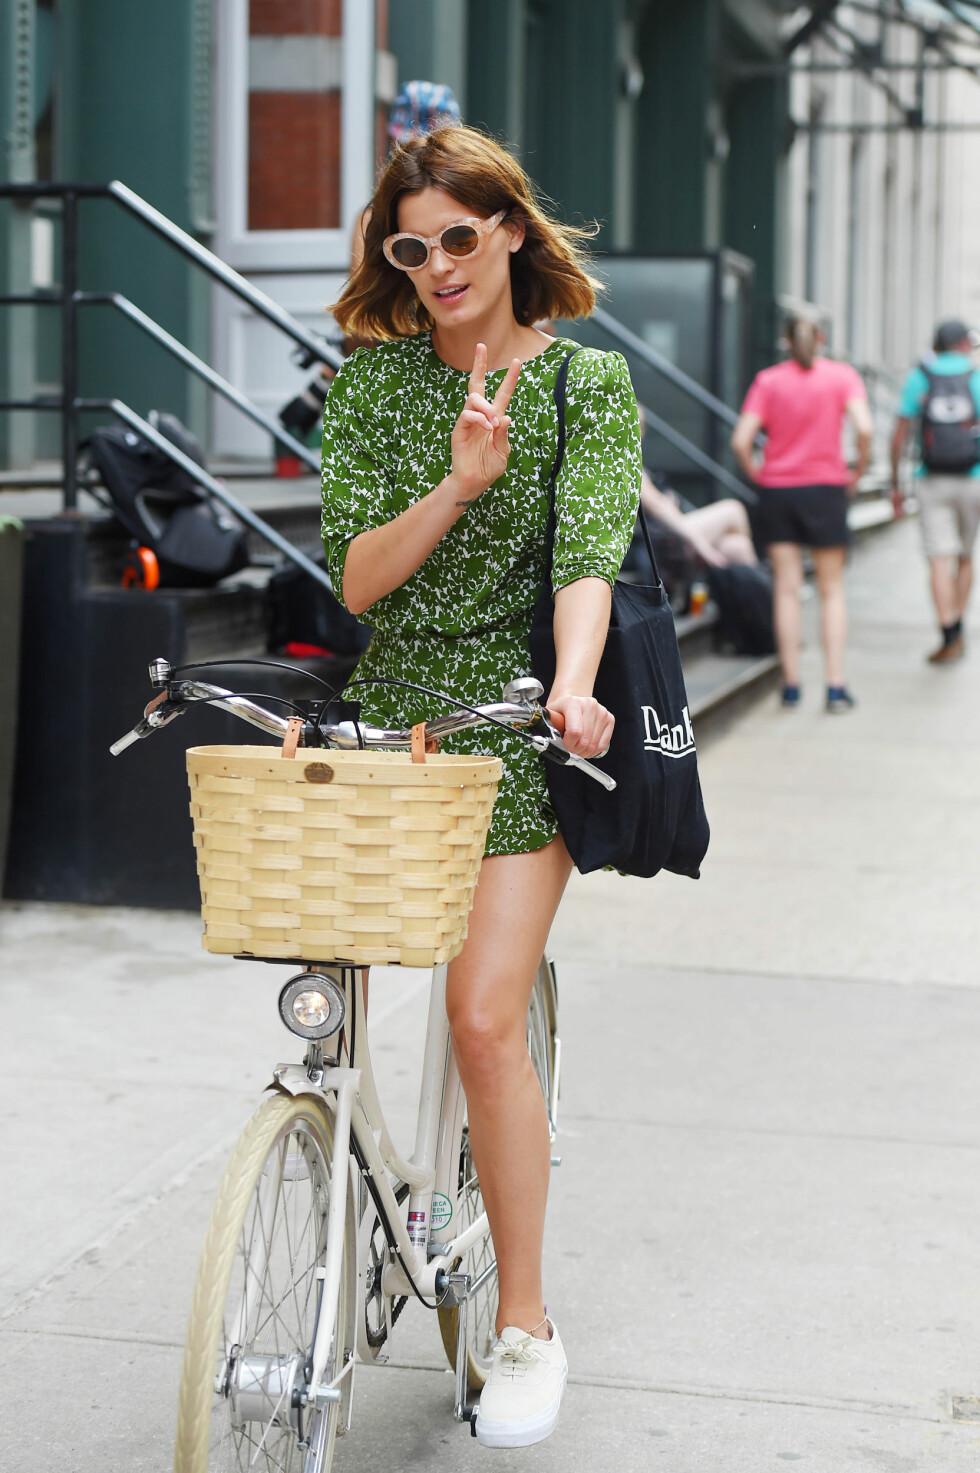 Hanneli Mustaparta i grønn kjole.  Foto: Scanpix